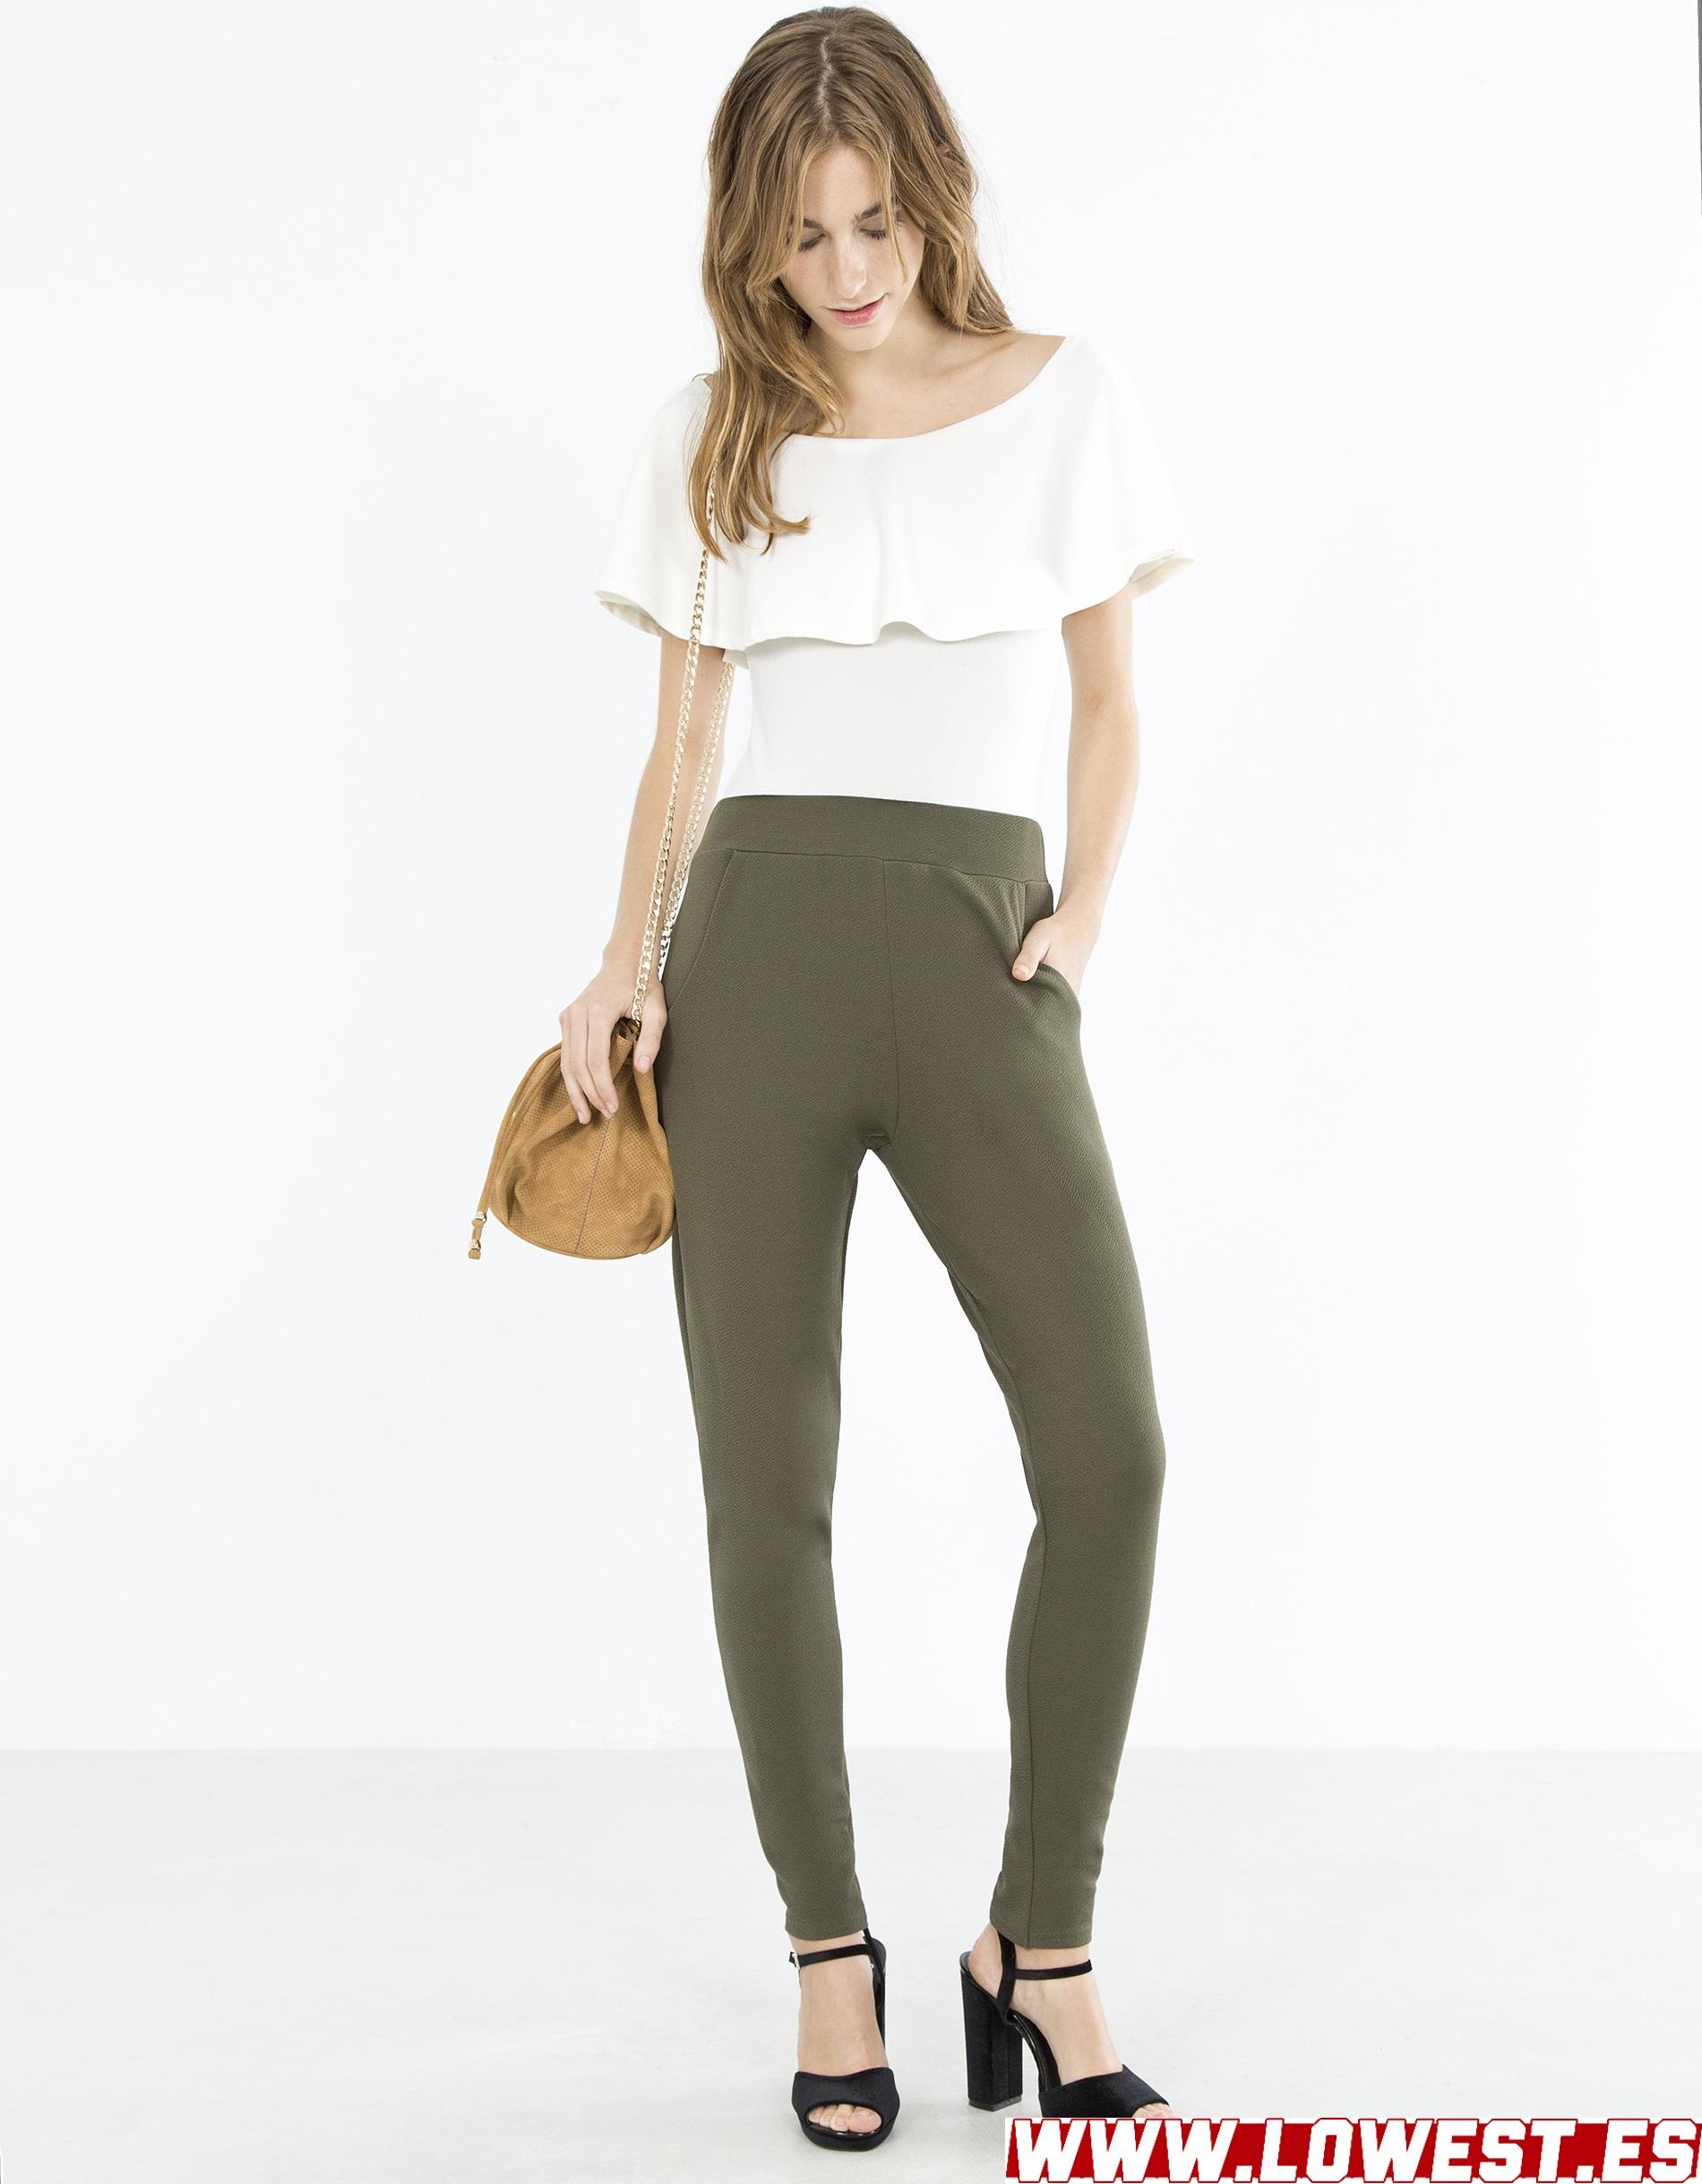 rebajas de ropa de mujer blogueras mas guapas 2019 2020